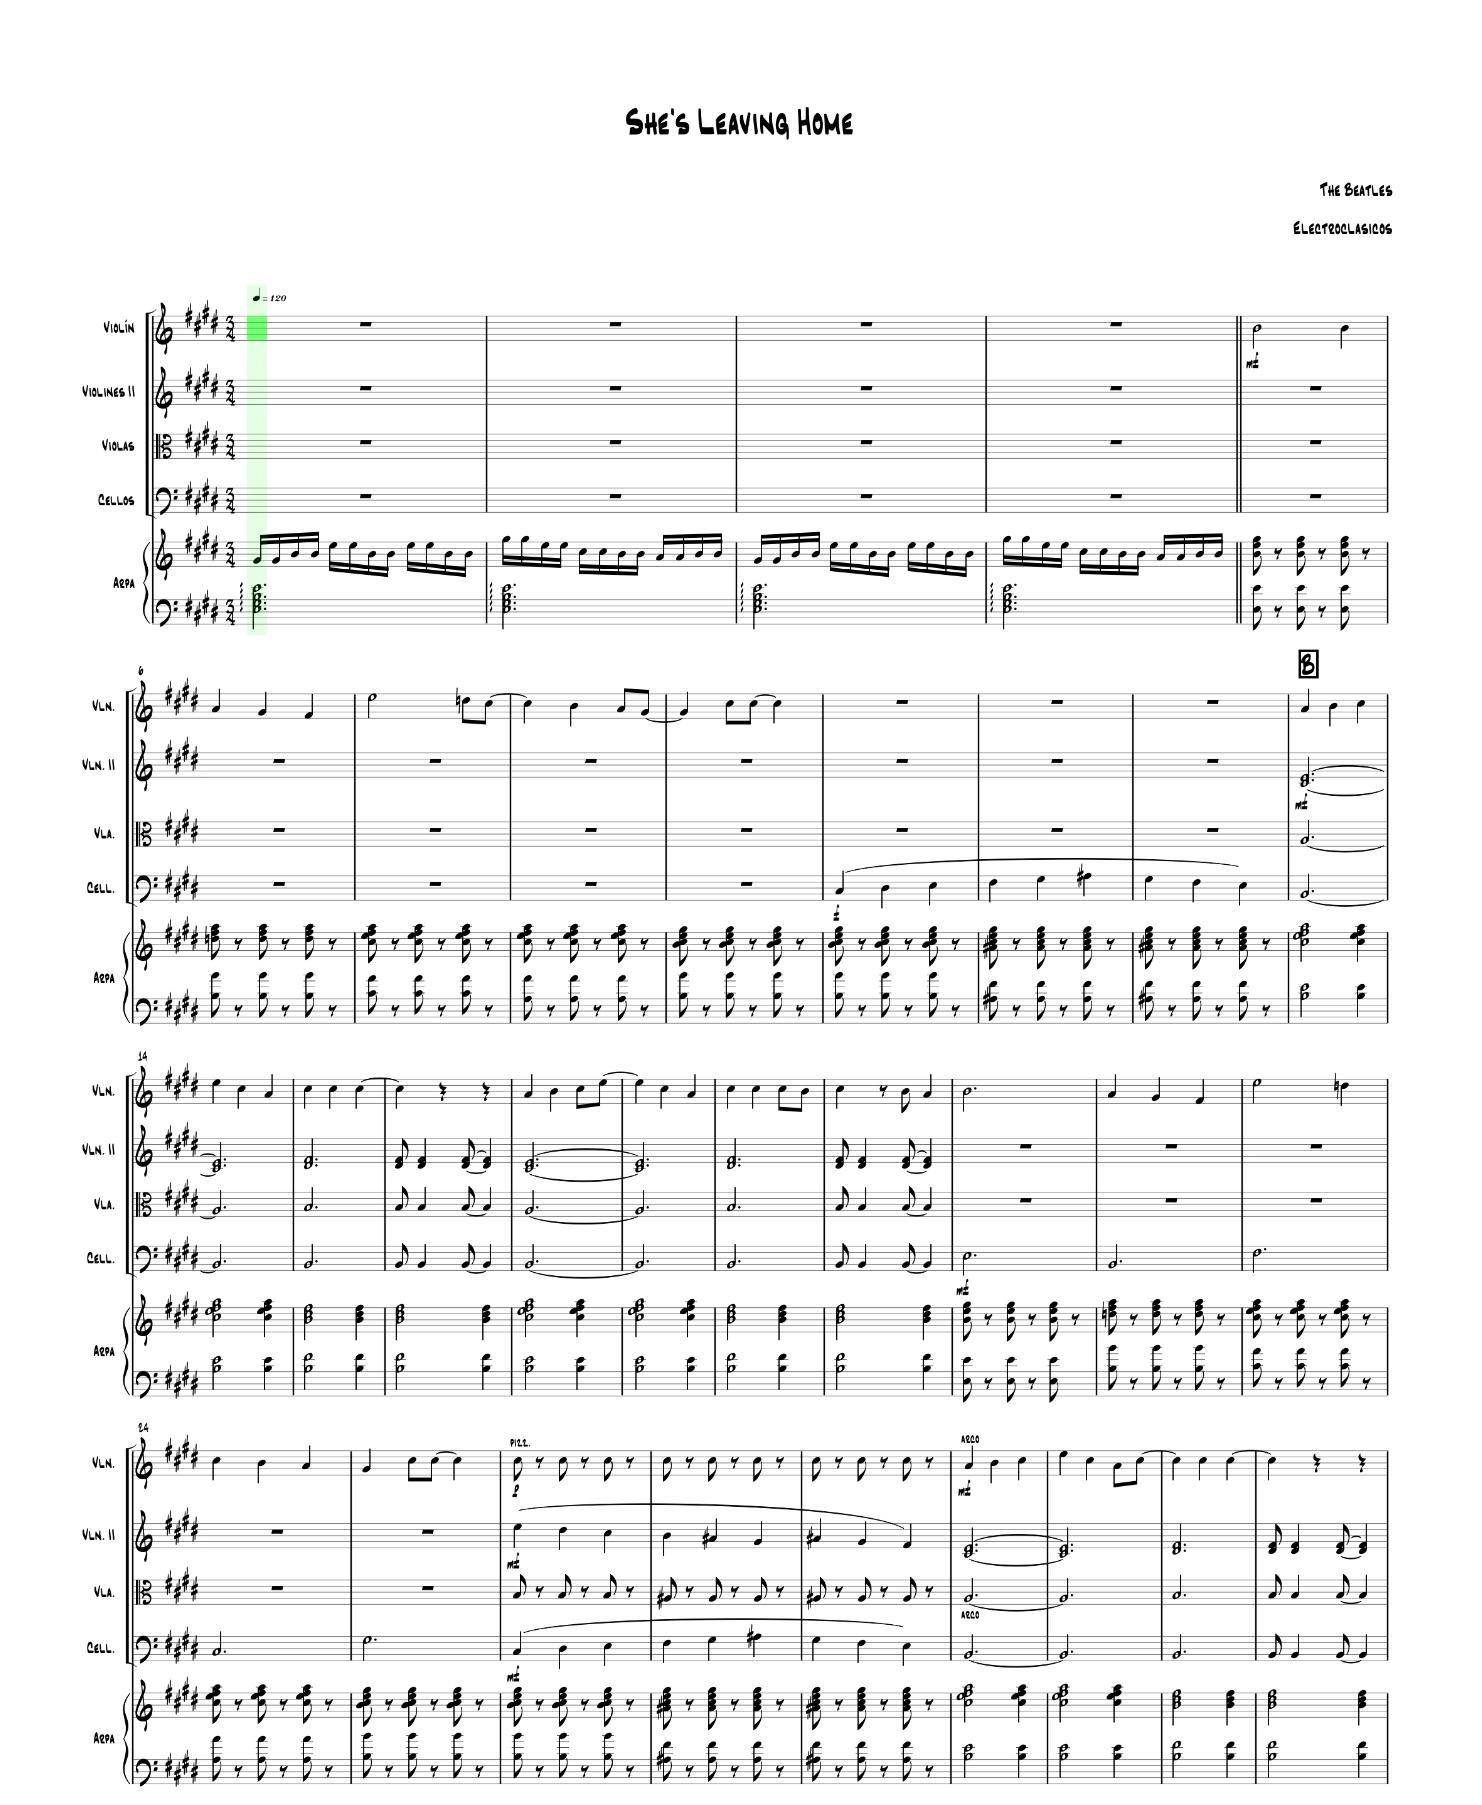 Sheet Music String Quartet She's Leaving Home, The Beatles